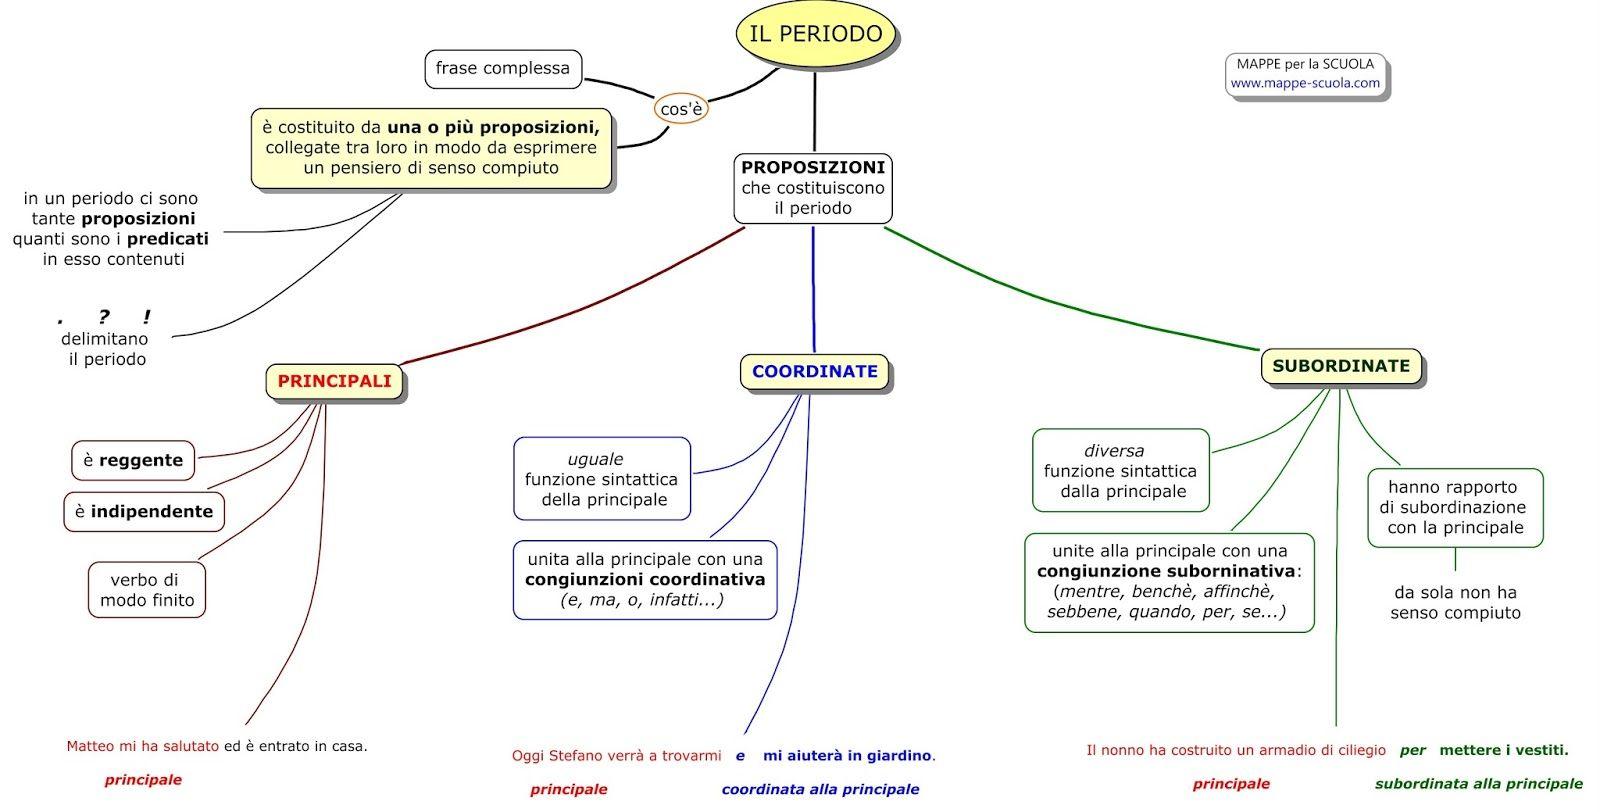 Mappa Concettuale Sul Periodo Proposizioni Principali Coordinate